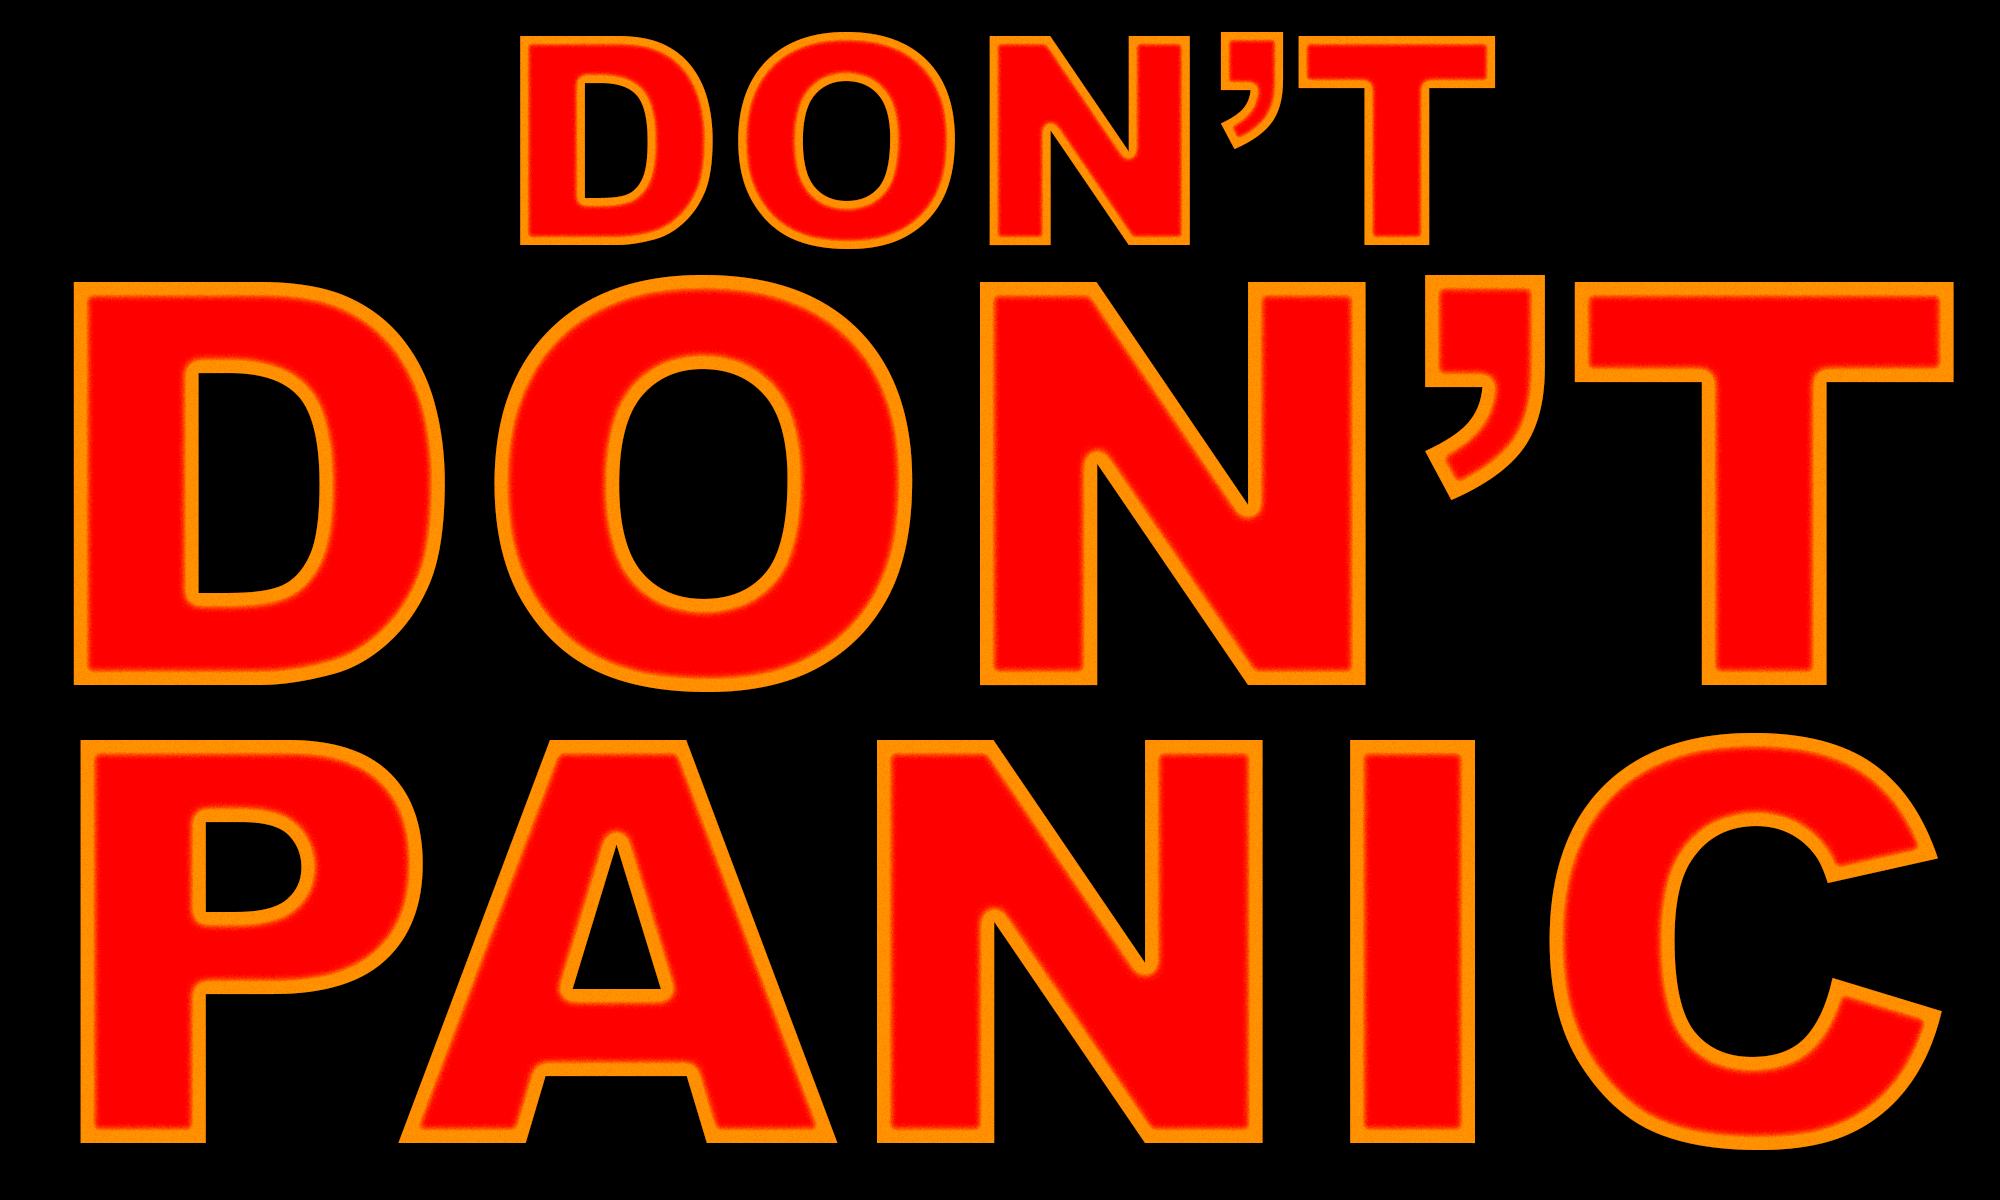 DON'T DON'T PANIC Image